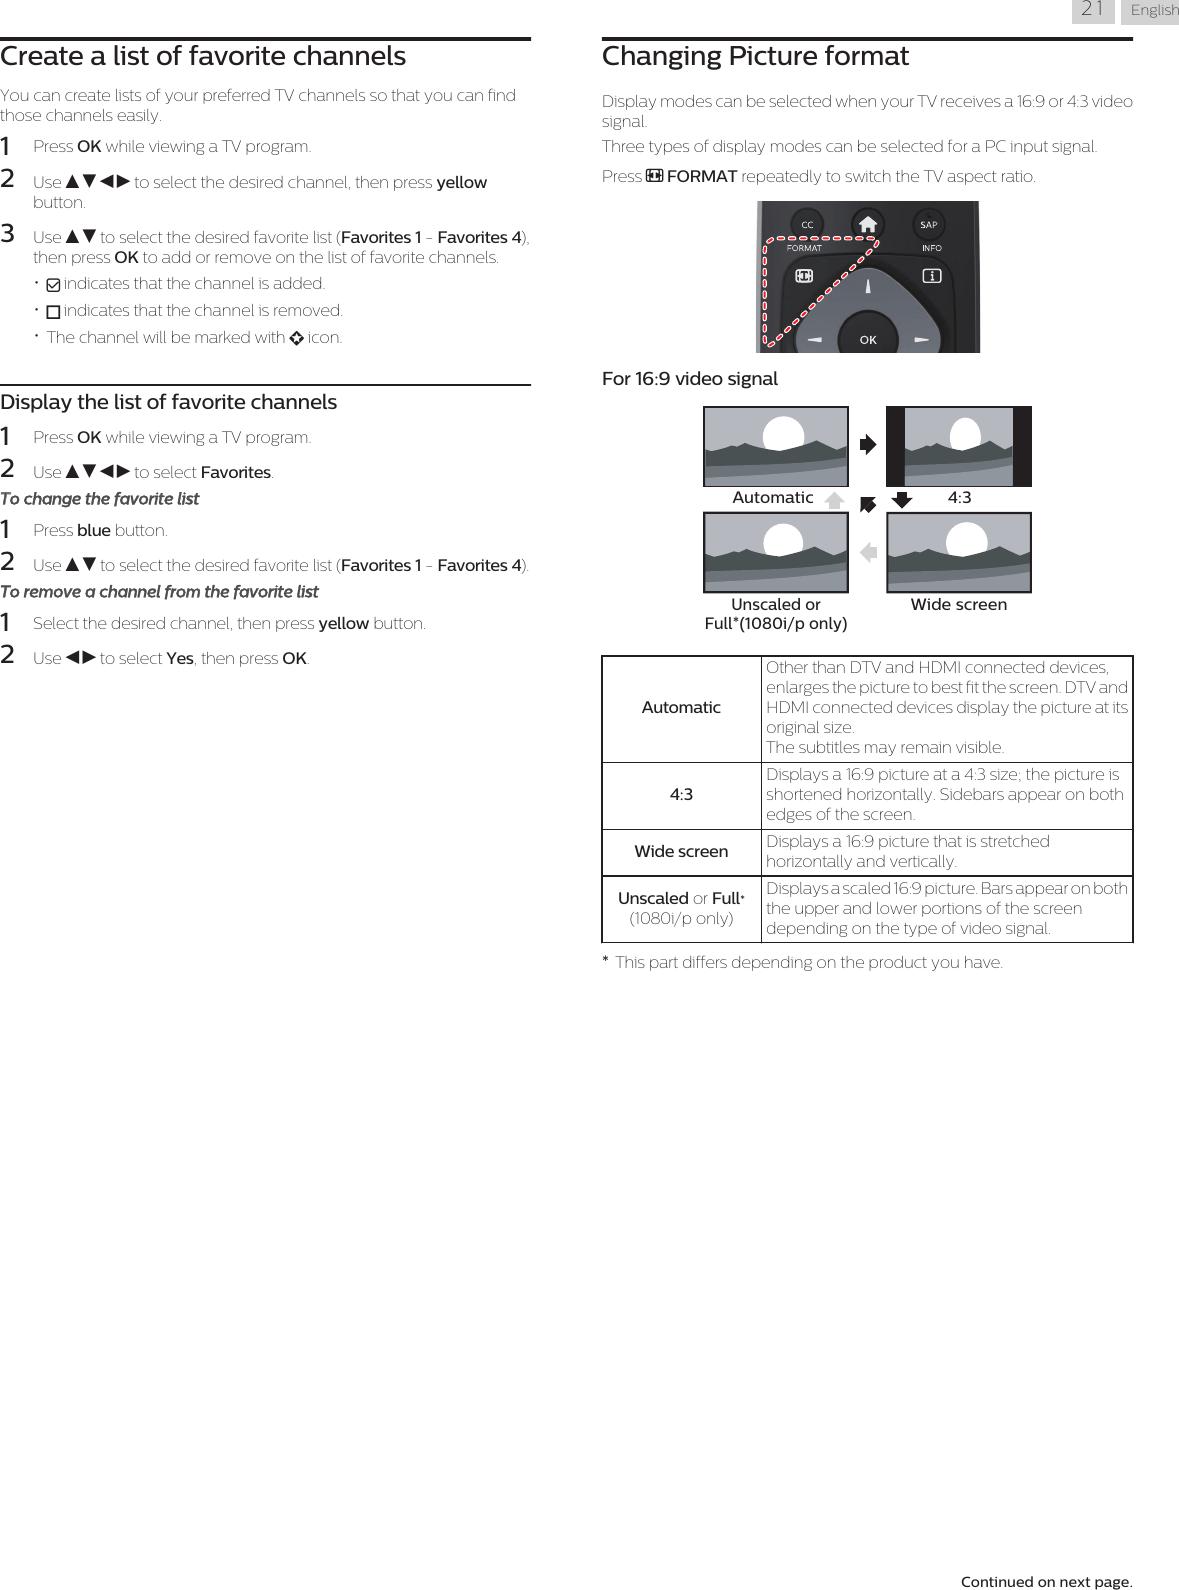 Philips 43PFL4902/F7 User Manual 43pfl4902 F7 Dfu Aen